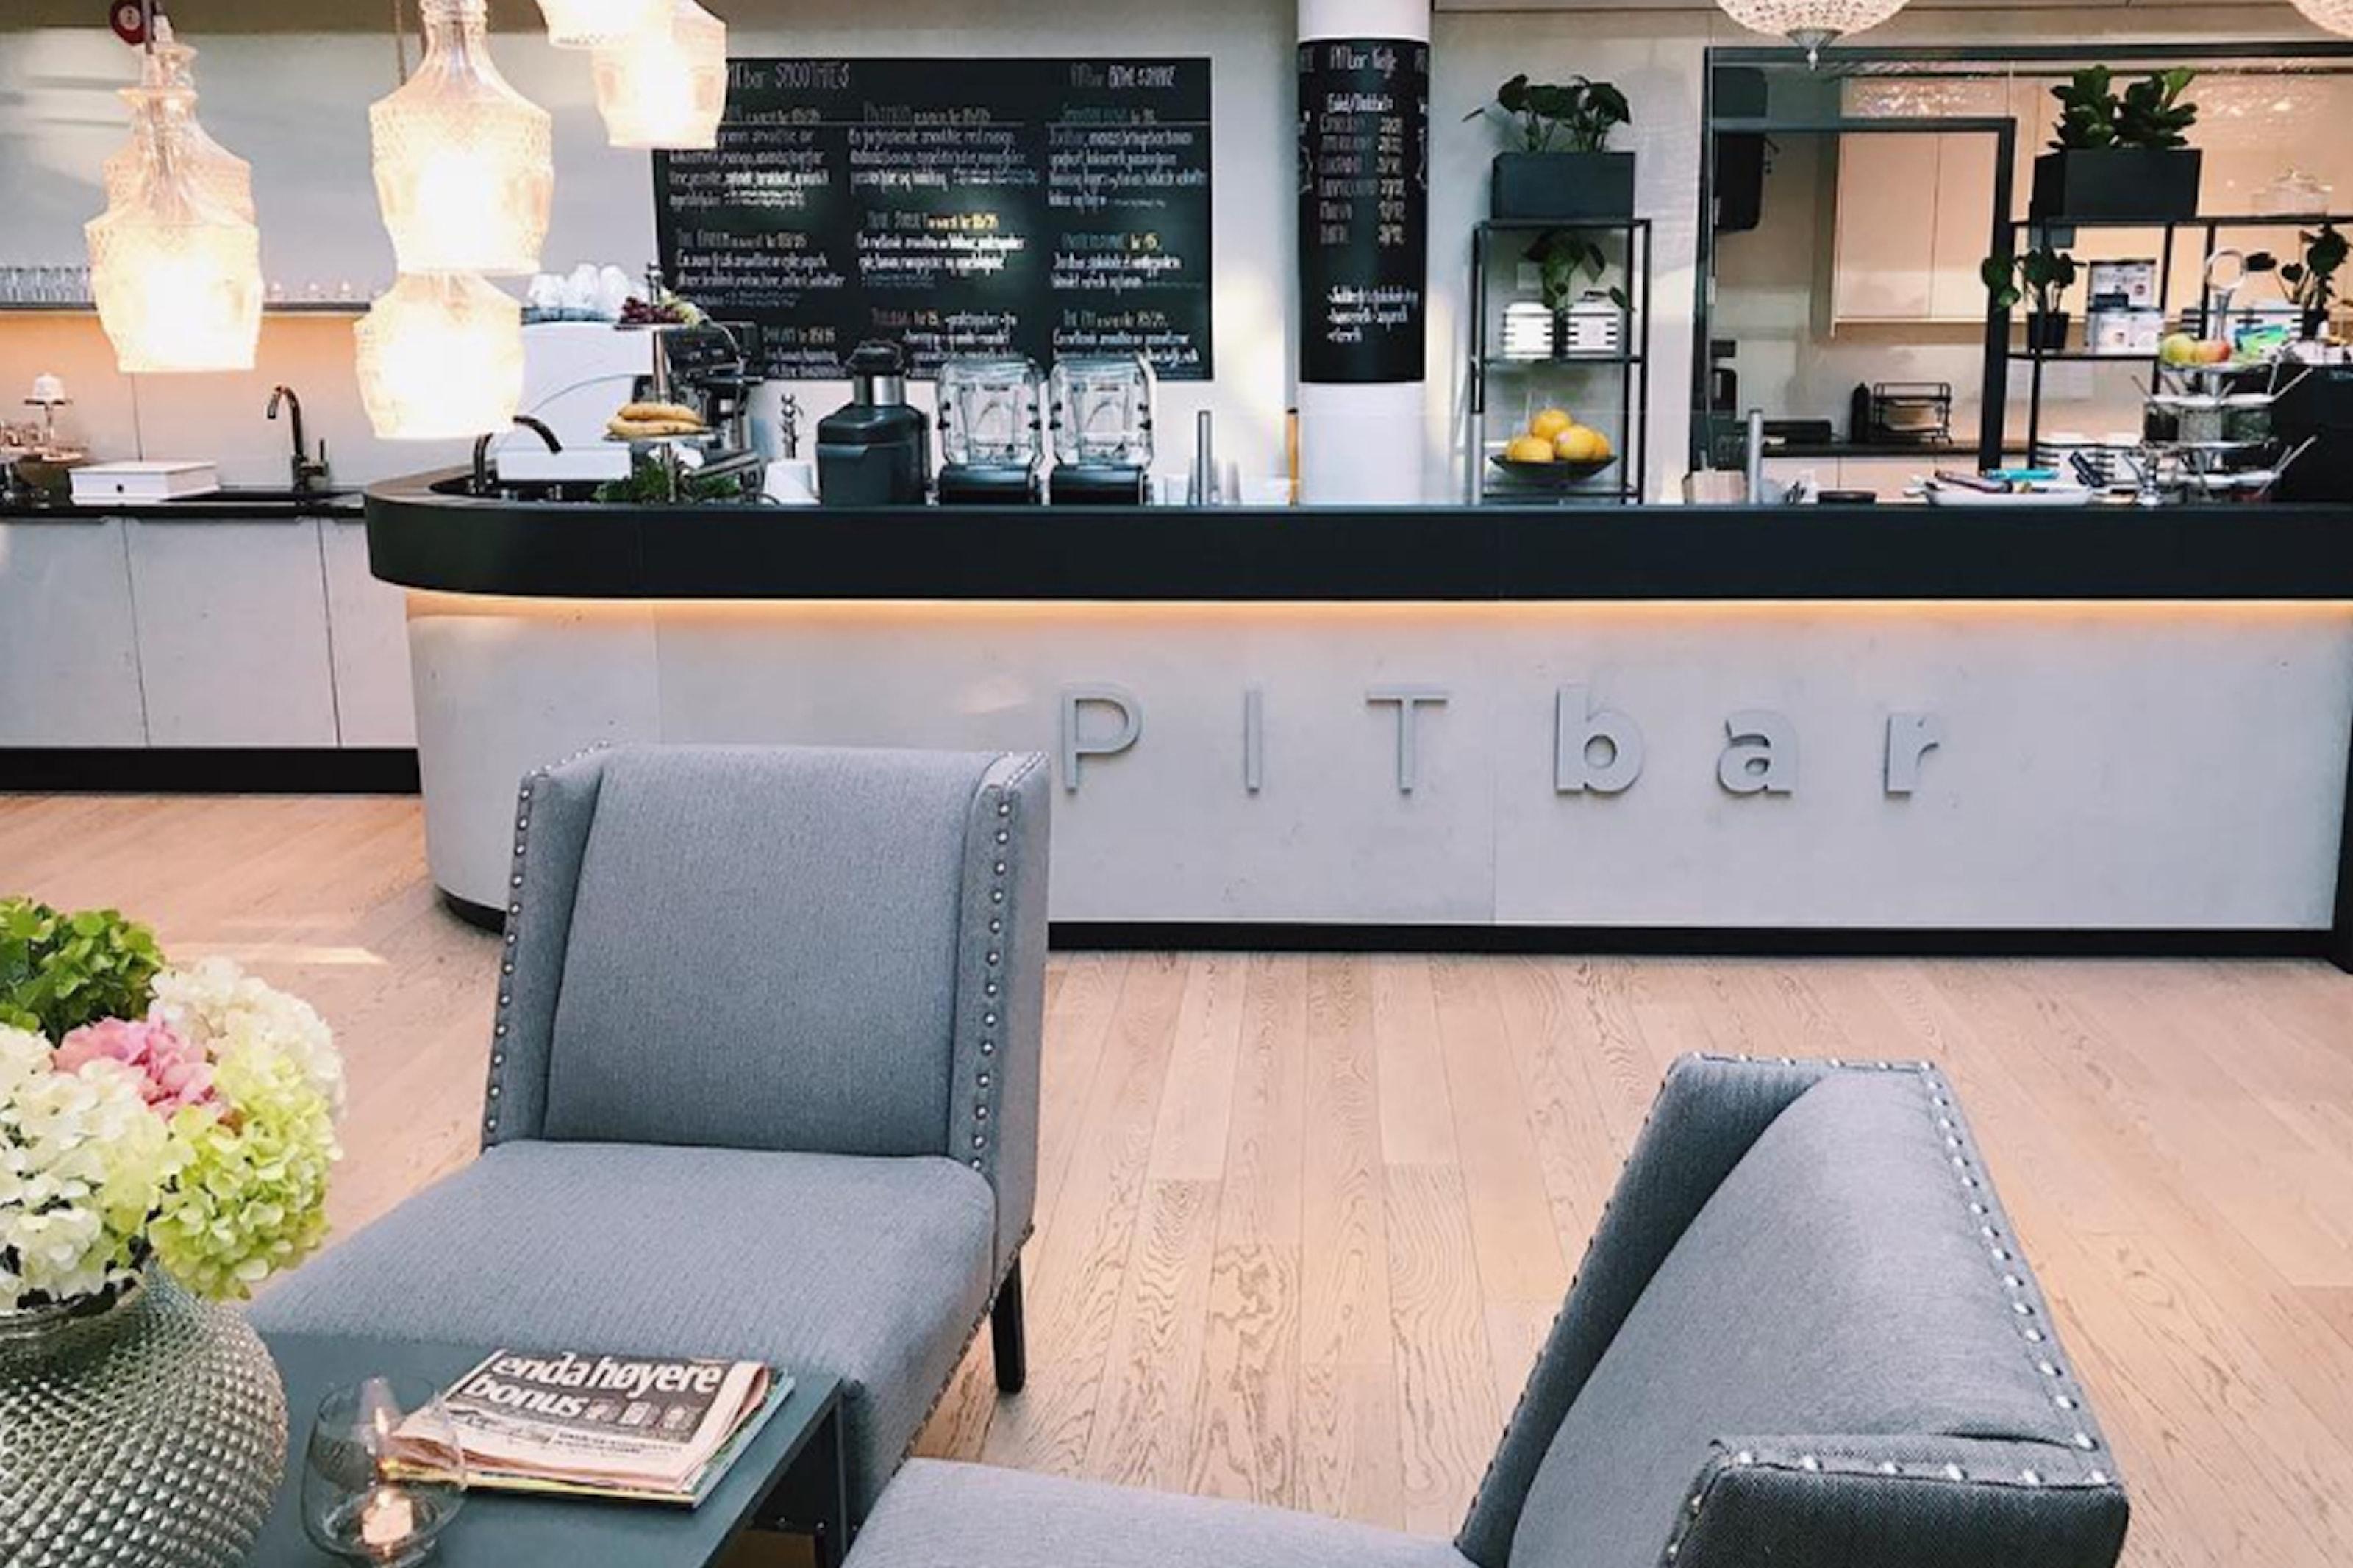 Opplev thePit hos eksklusive studio Jobbsprek på Aker Brygge